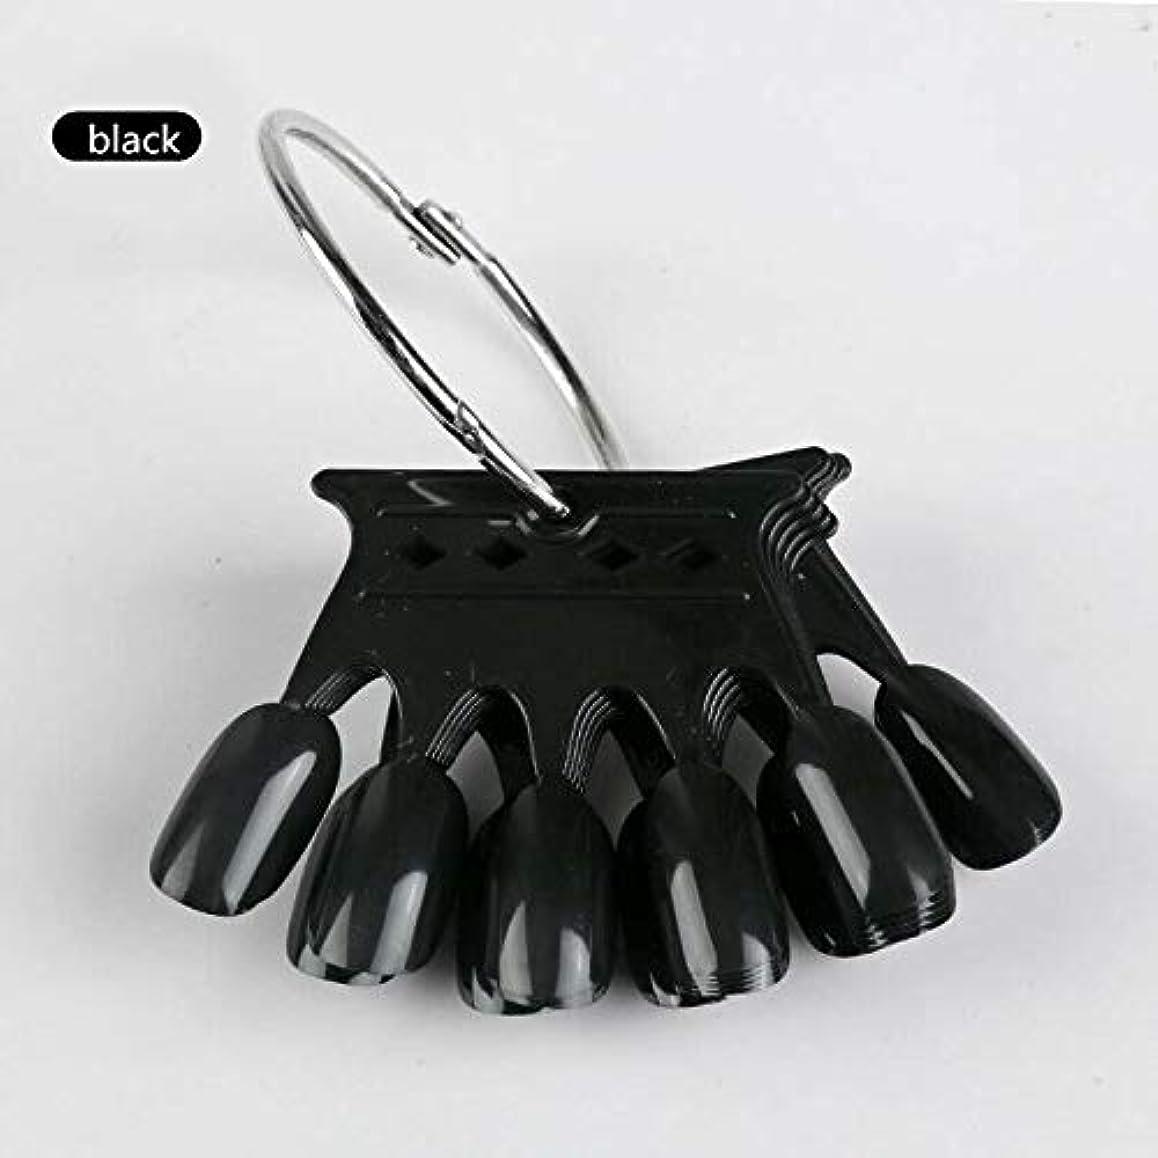 後方に壮大著名な10pcs Black Crown Shaped Nail Art Display Tips False Nail Tips Fake Palette Acrylic UV Gel Polish Manicure Practice...